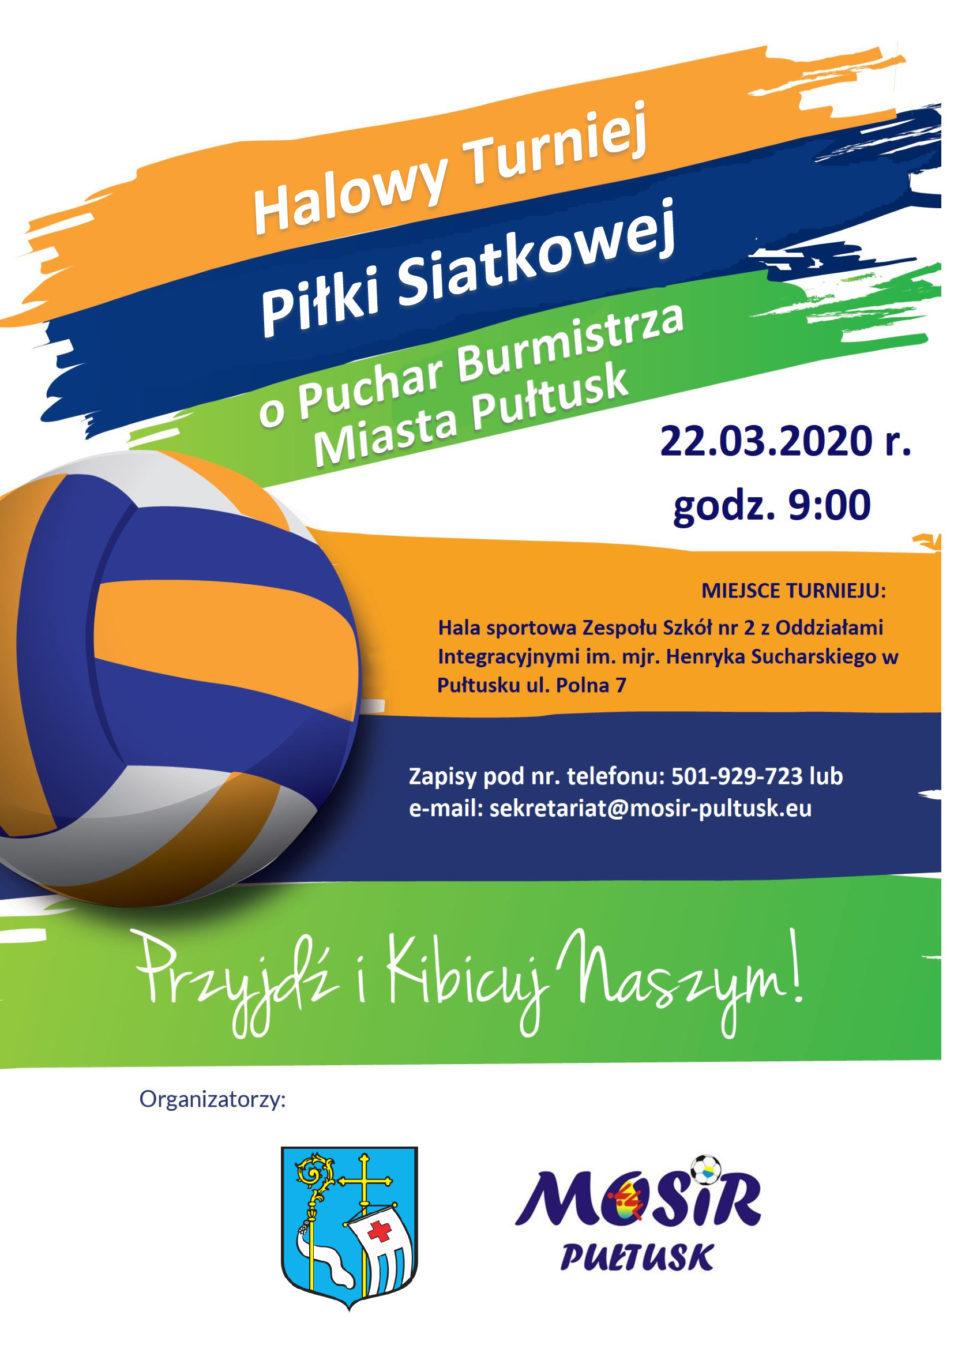 Zapraszamy na Halowy Turniej Piłki Siatkowej o Puchar Burmistrza Miasta Pułtusk